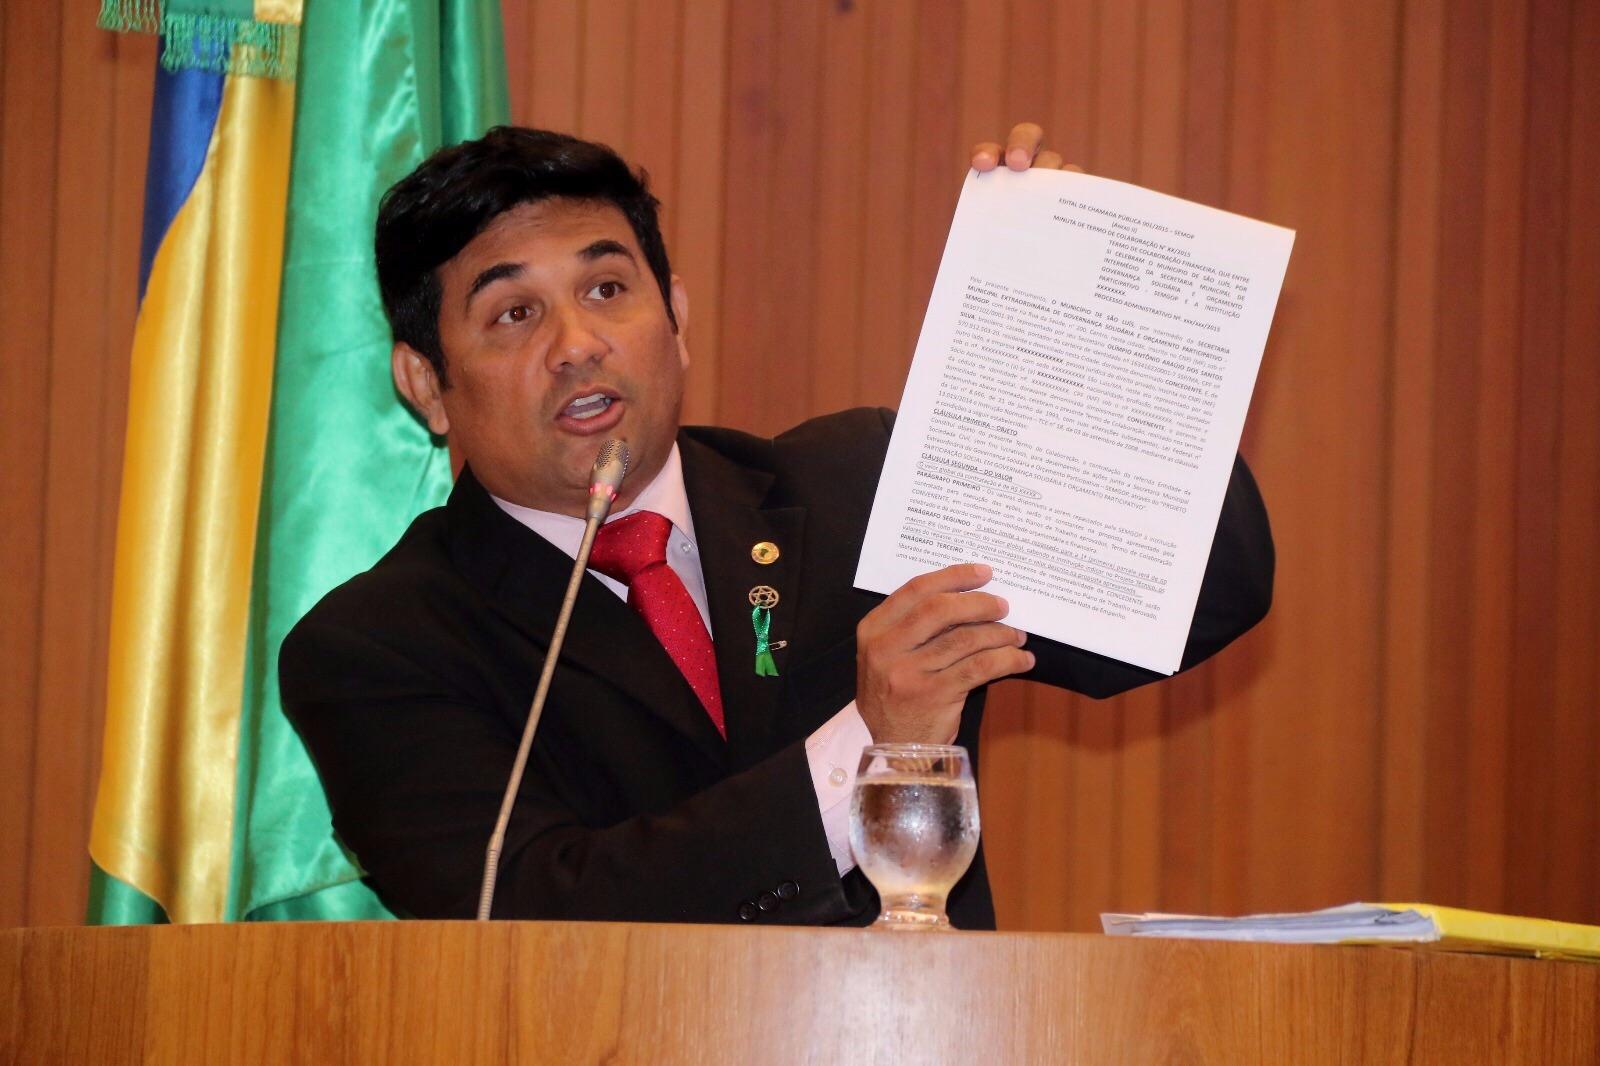 Wellington volta a cobrar esclarecimentos sobre contrato da Prefeitura de São Luís